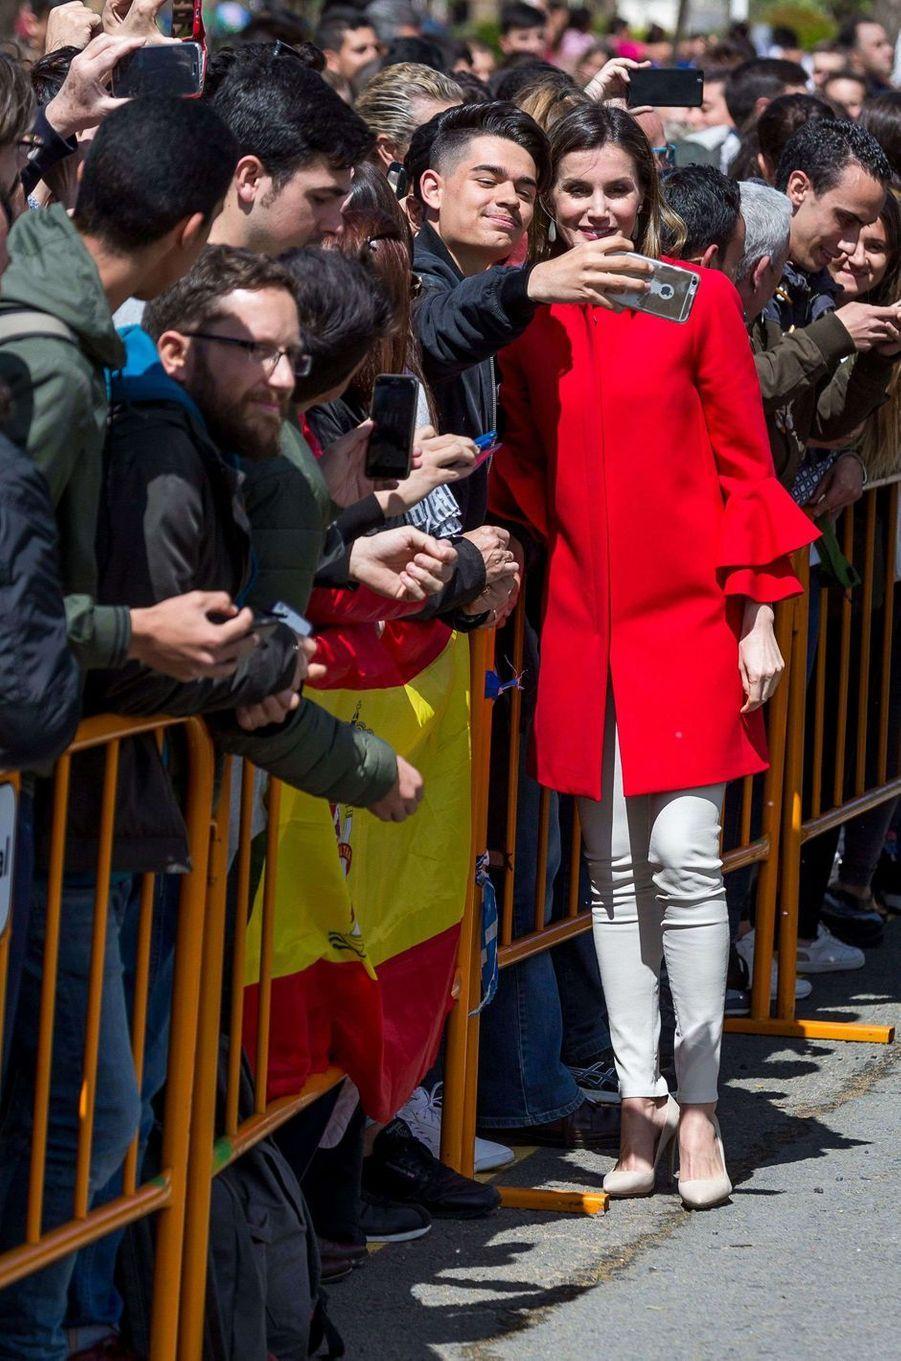 La reine Letizia d'Espagne se prête aux selfies à Huelva, le 11 avril 2018